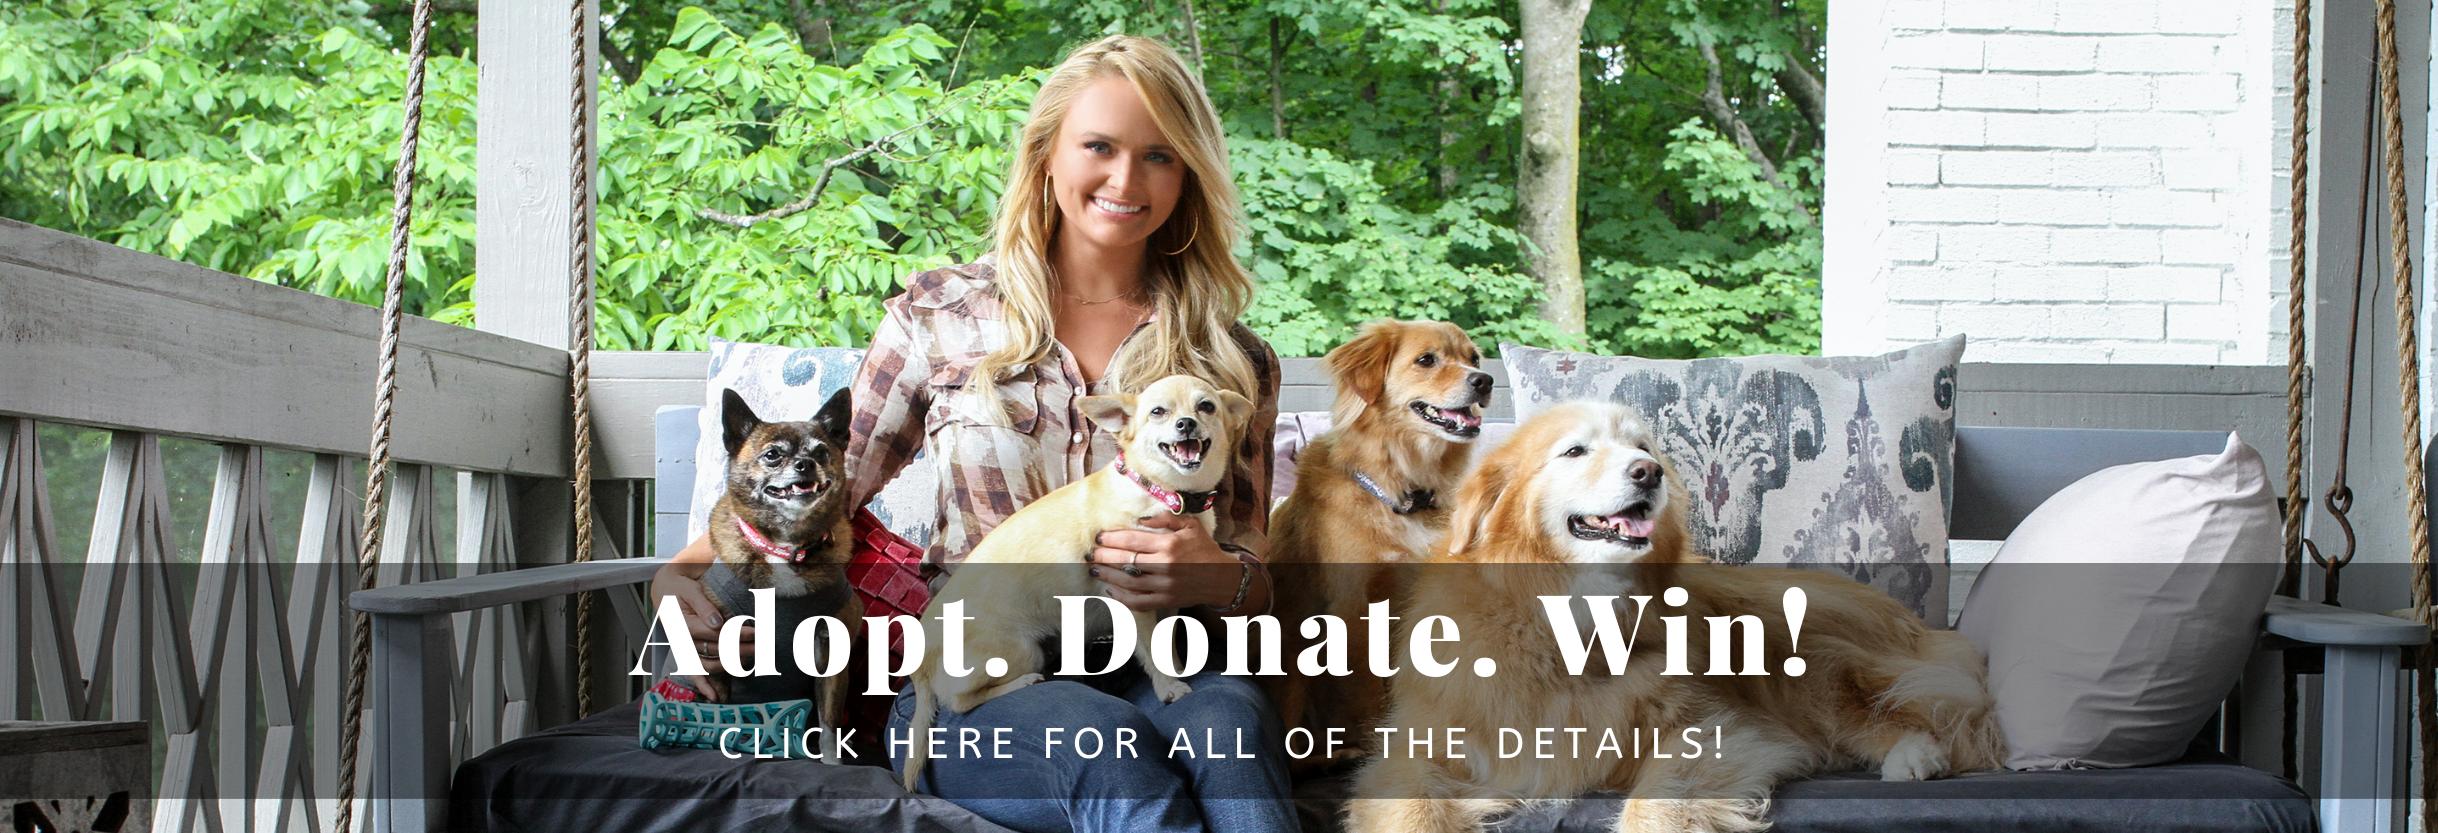 Adopt. Donate. Win